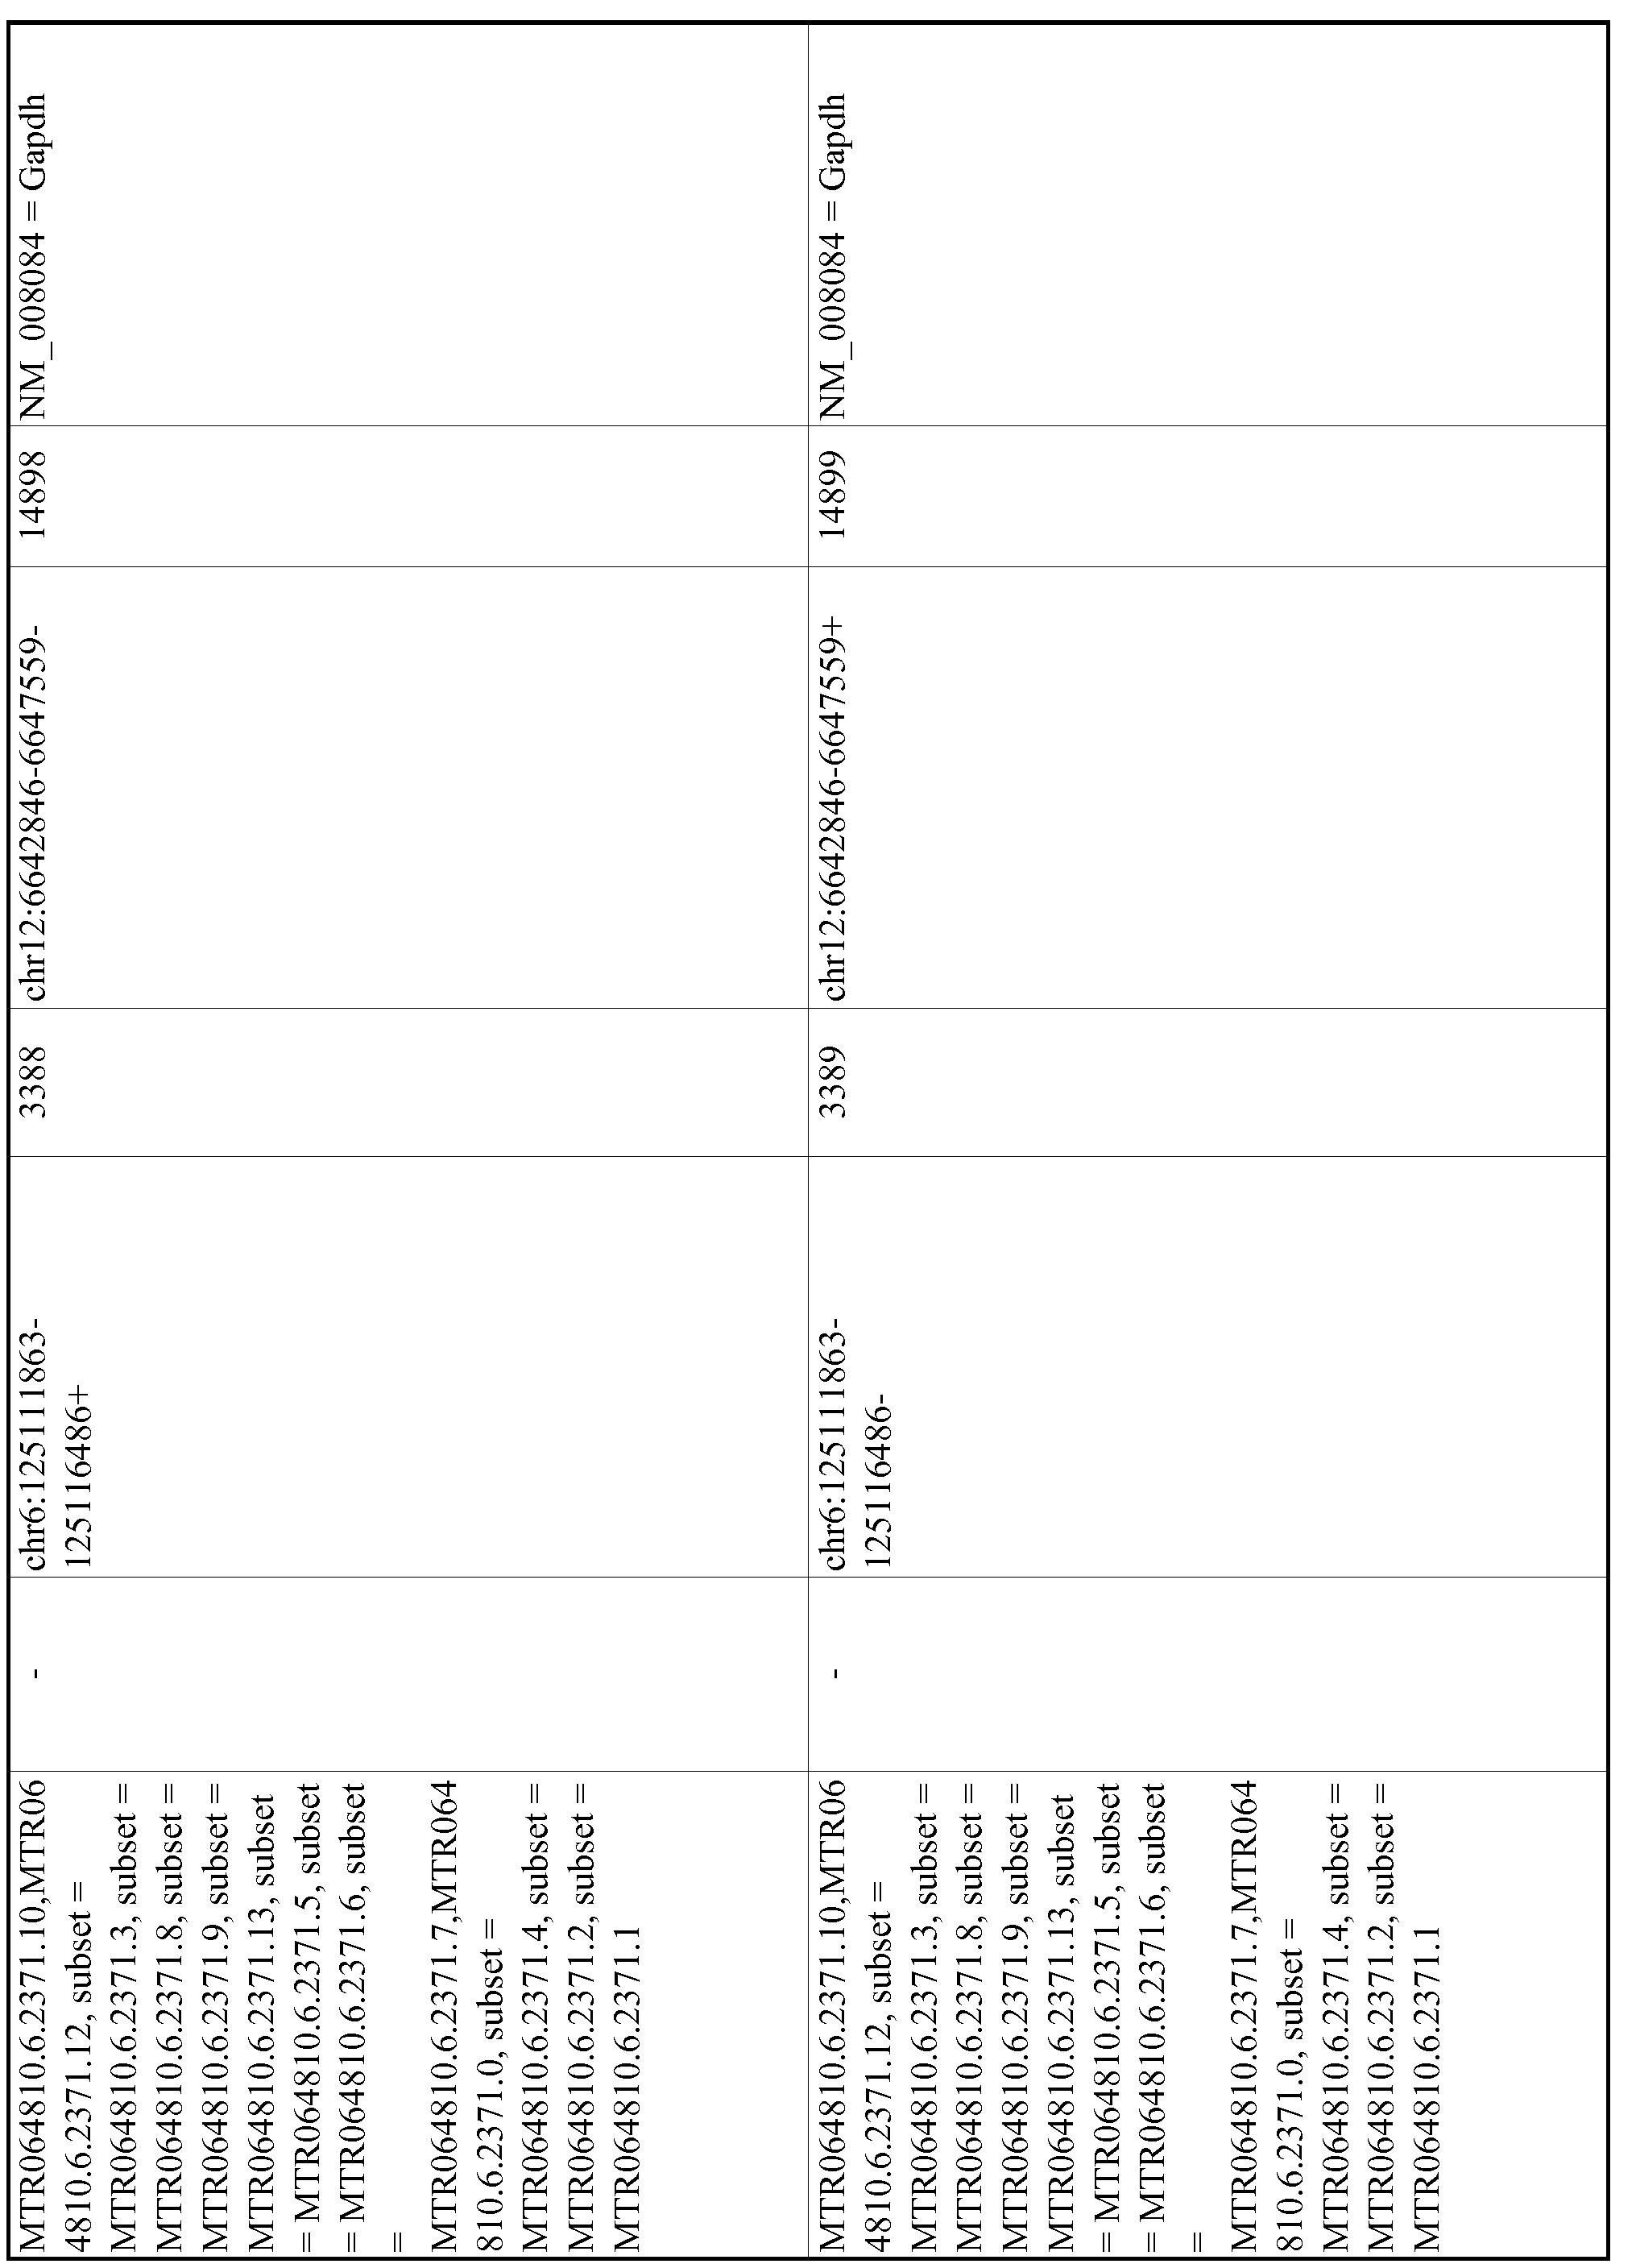 Figure imgf000671_0001